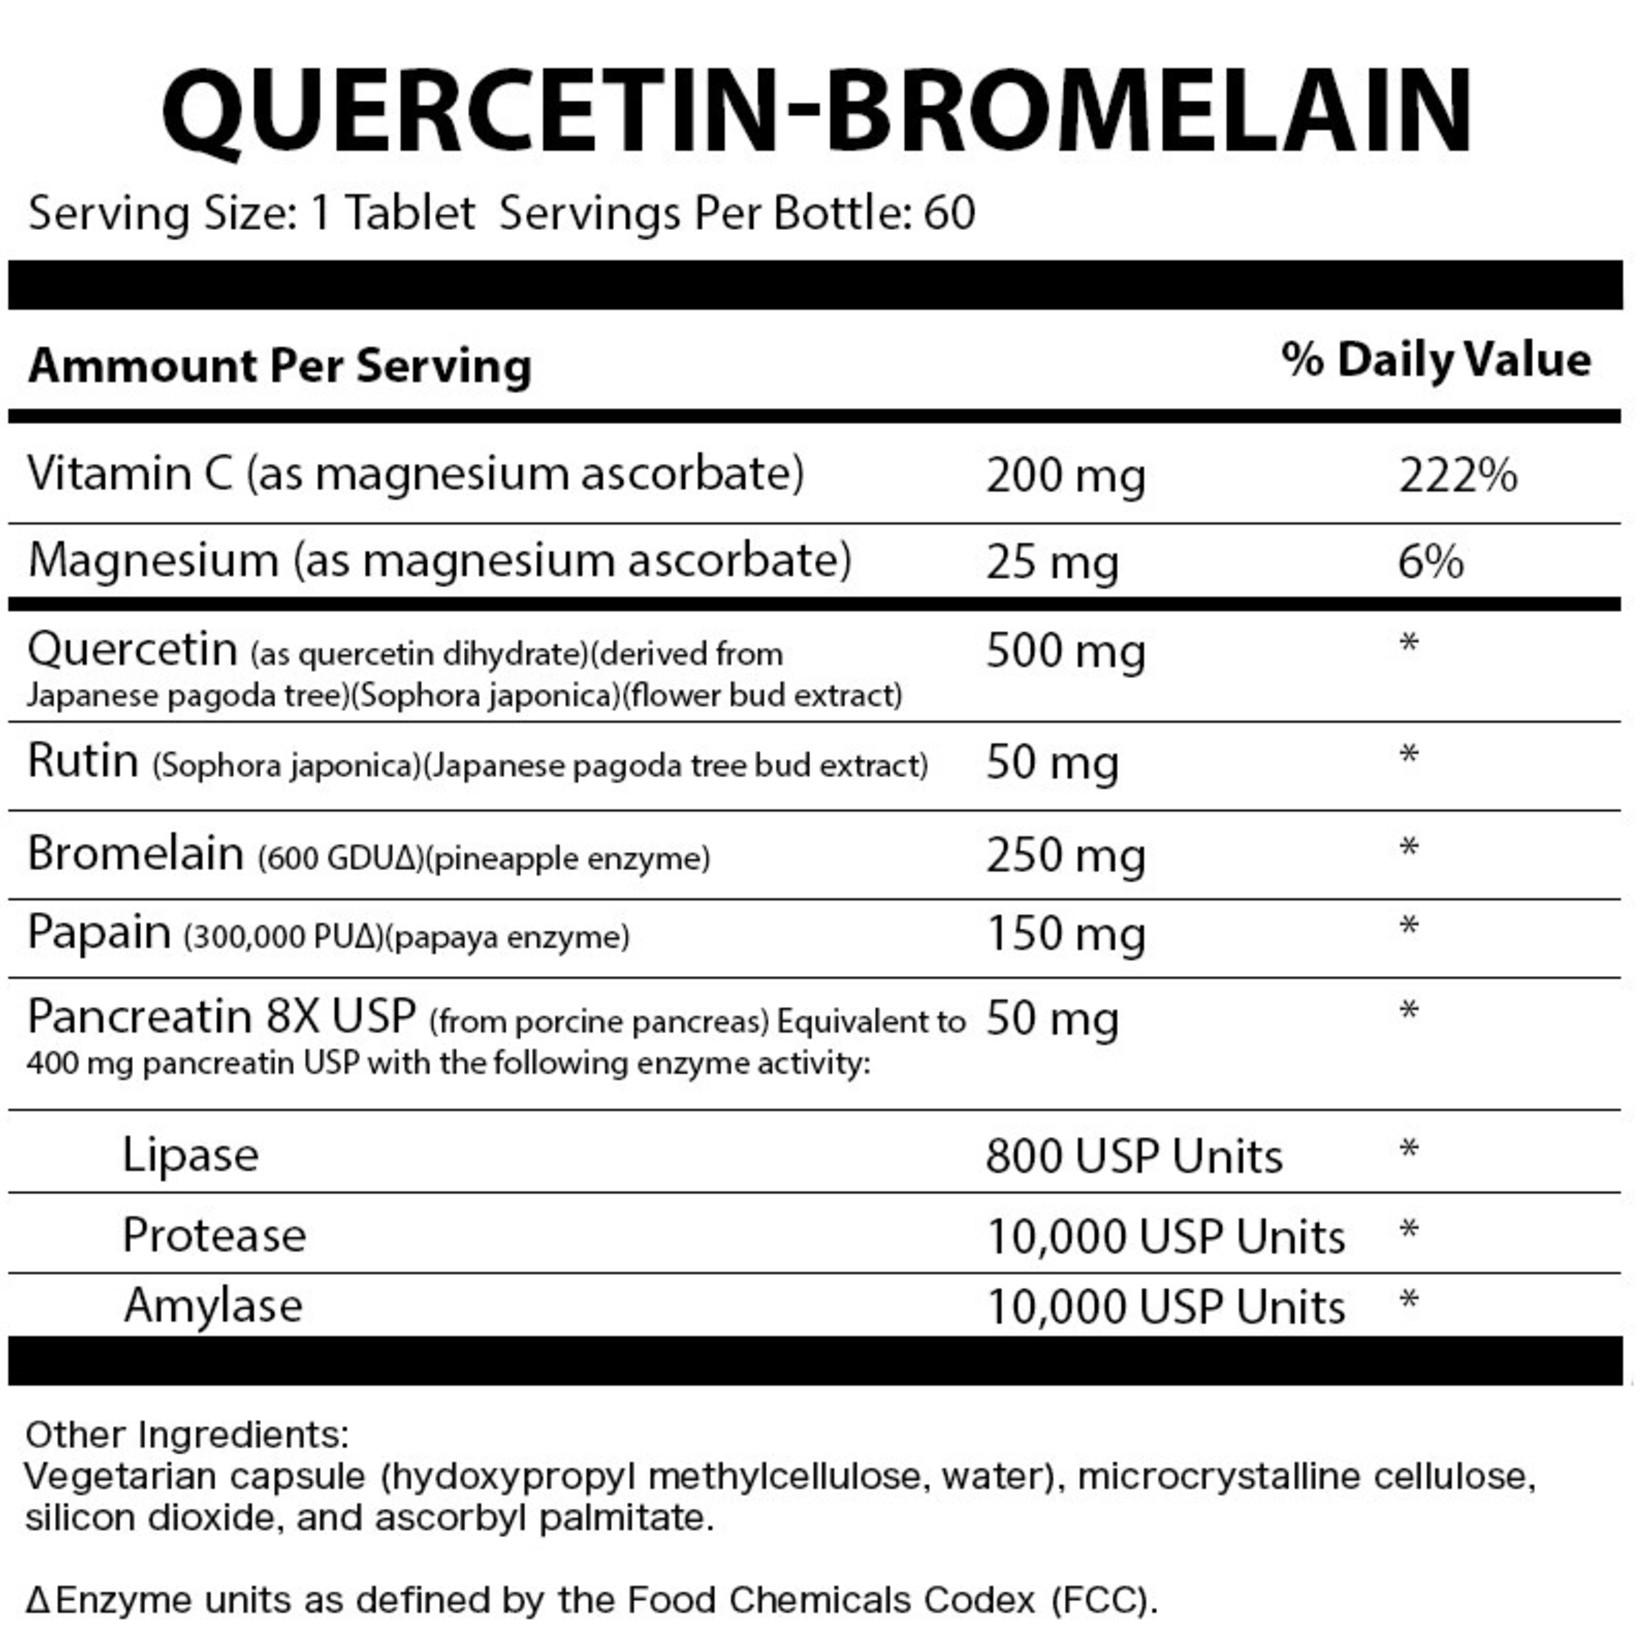 Alpine Clinic PL Quercetin-Bromelain